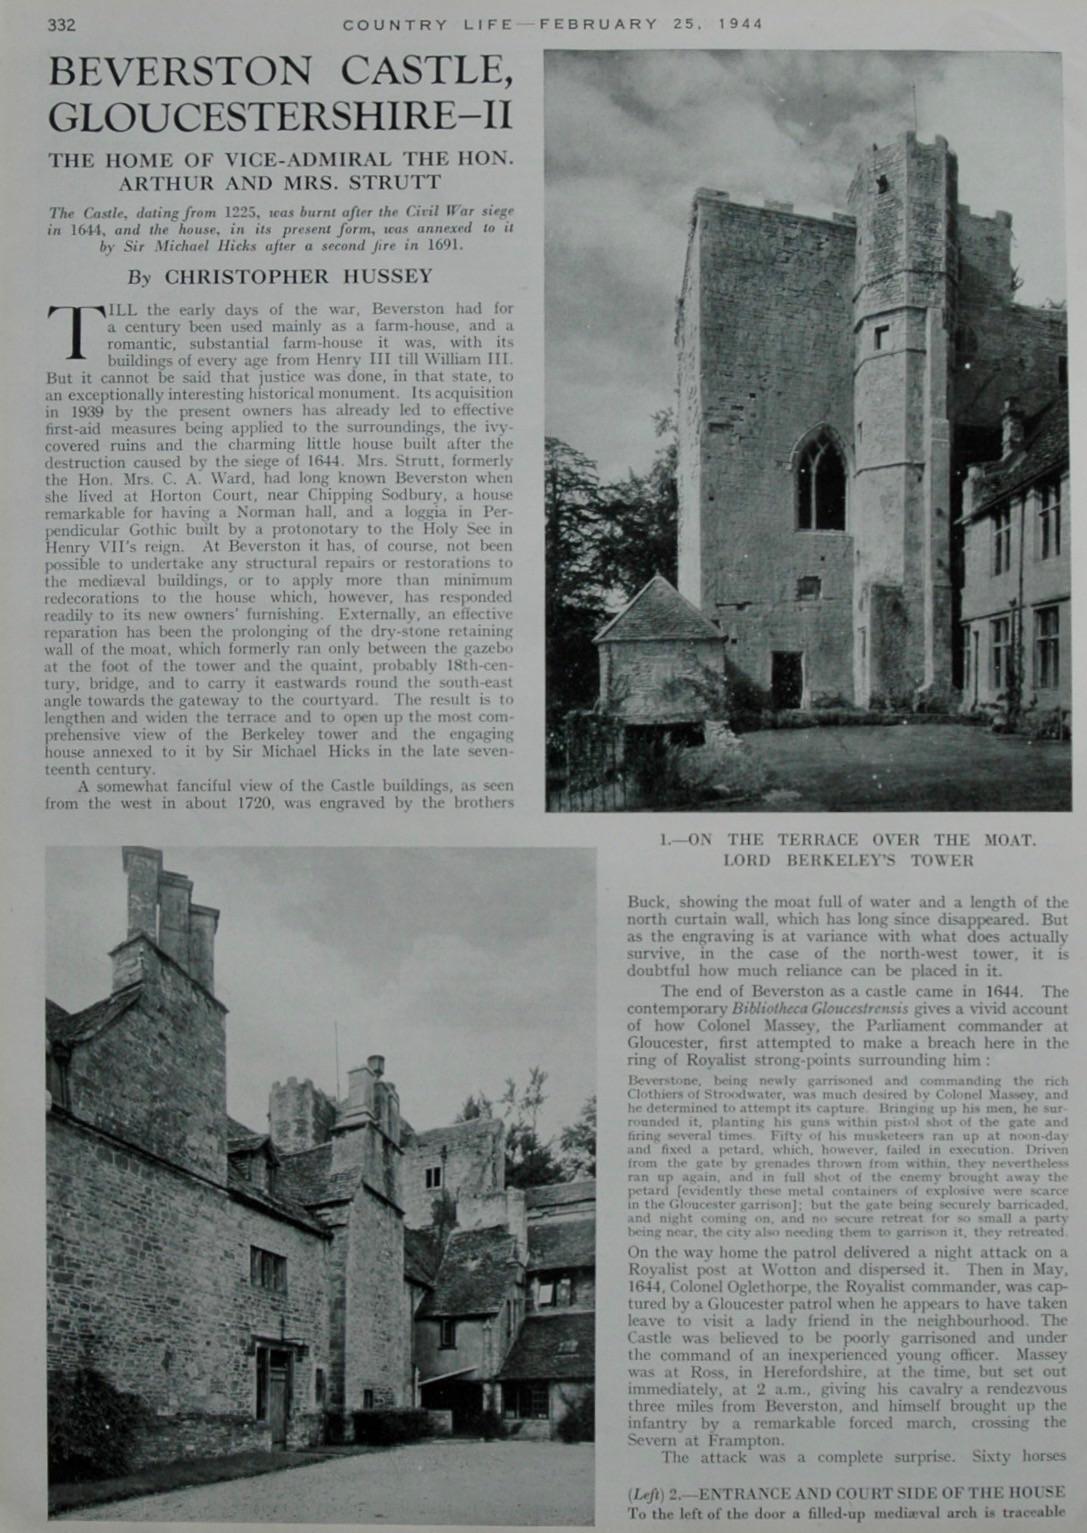 Beverston Castle, Gloucestershire - II